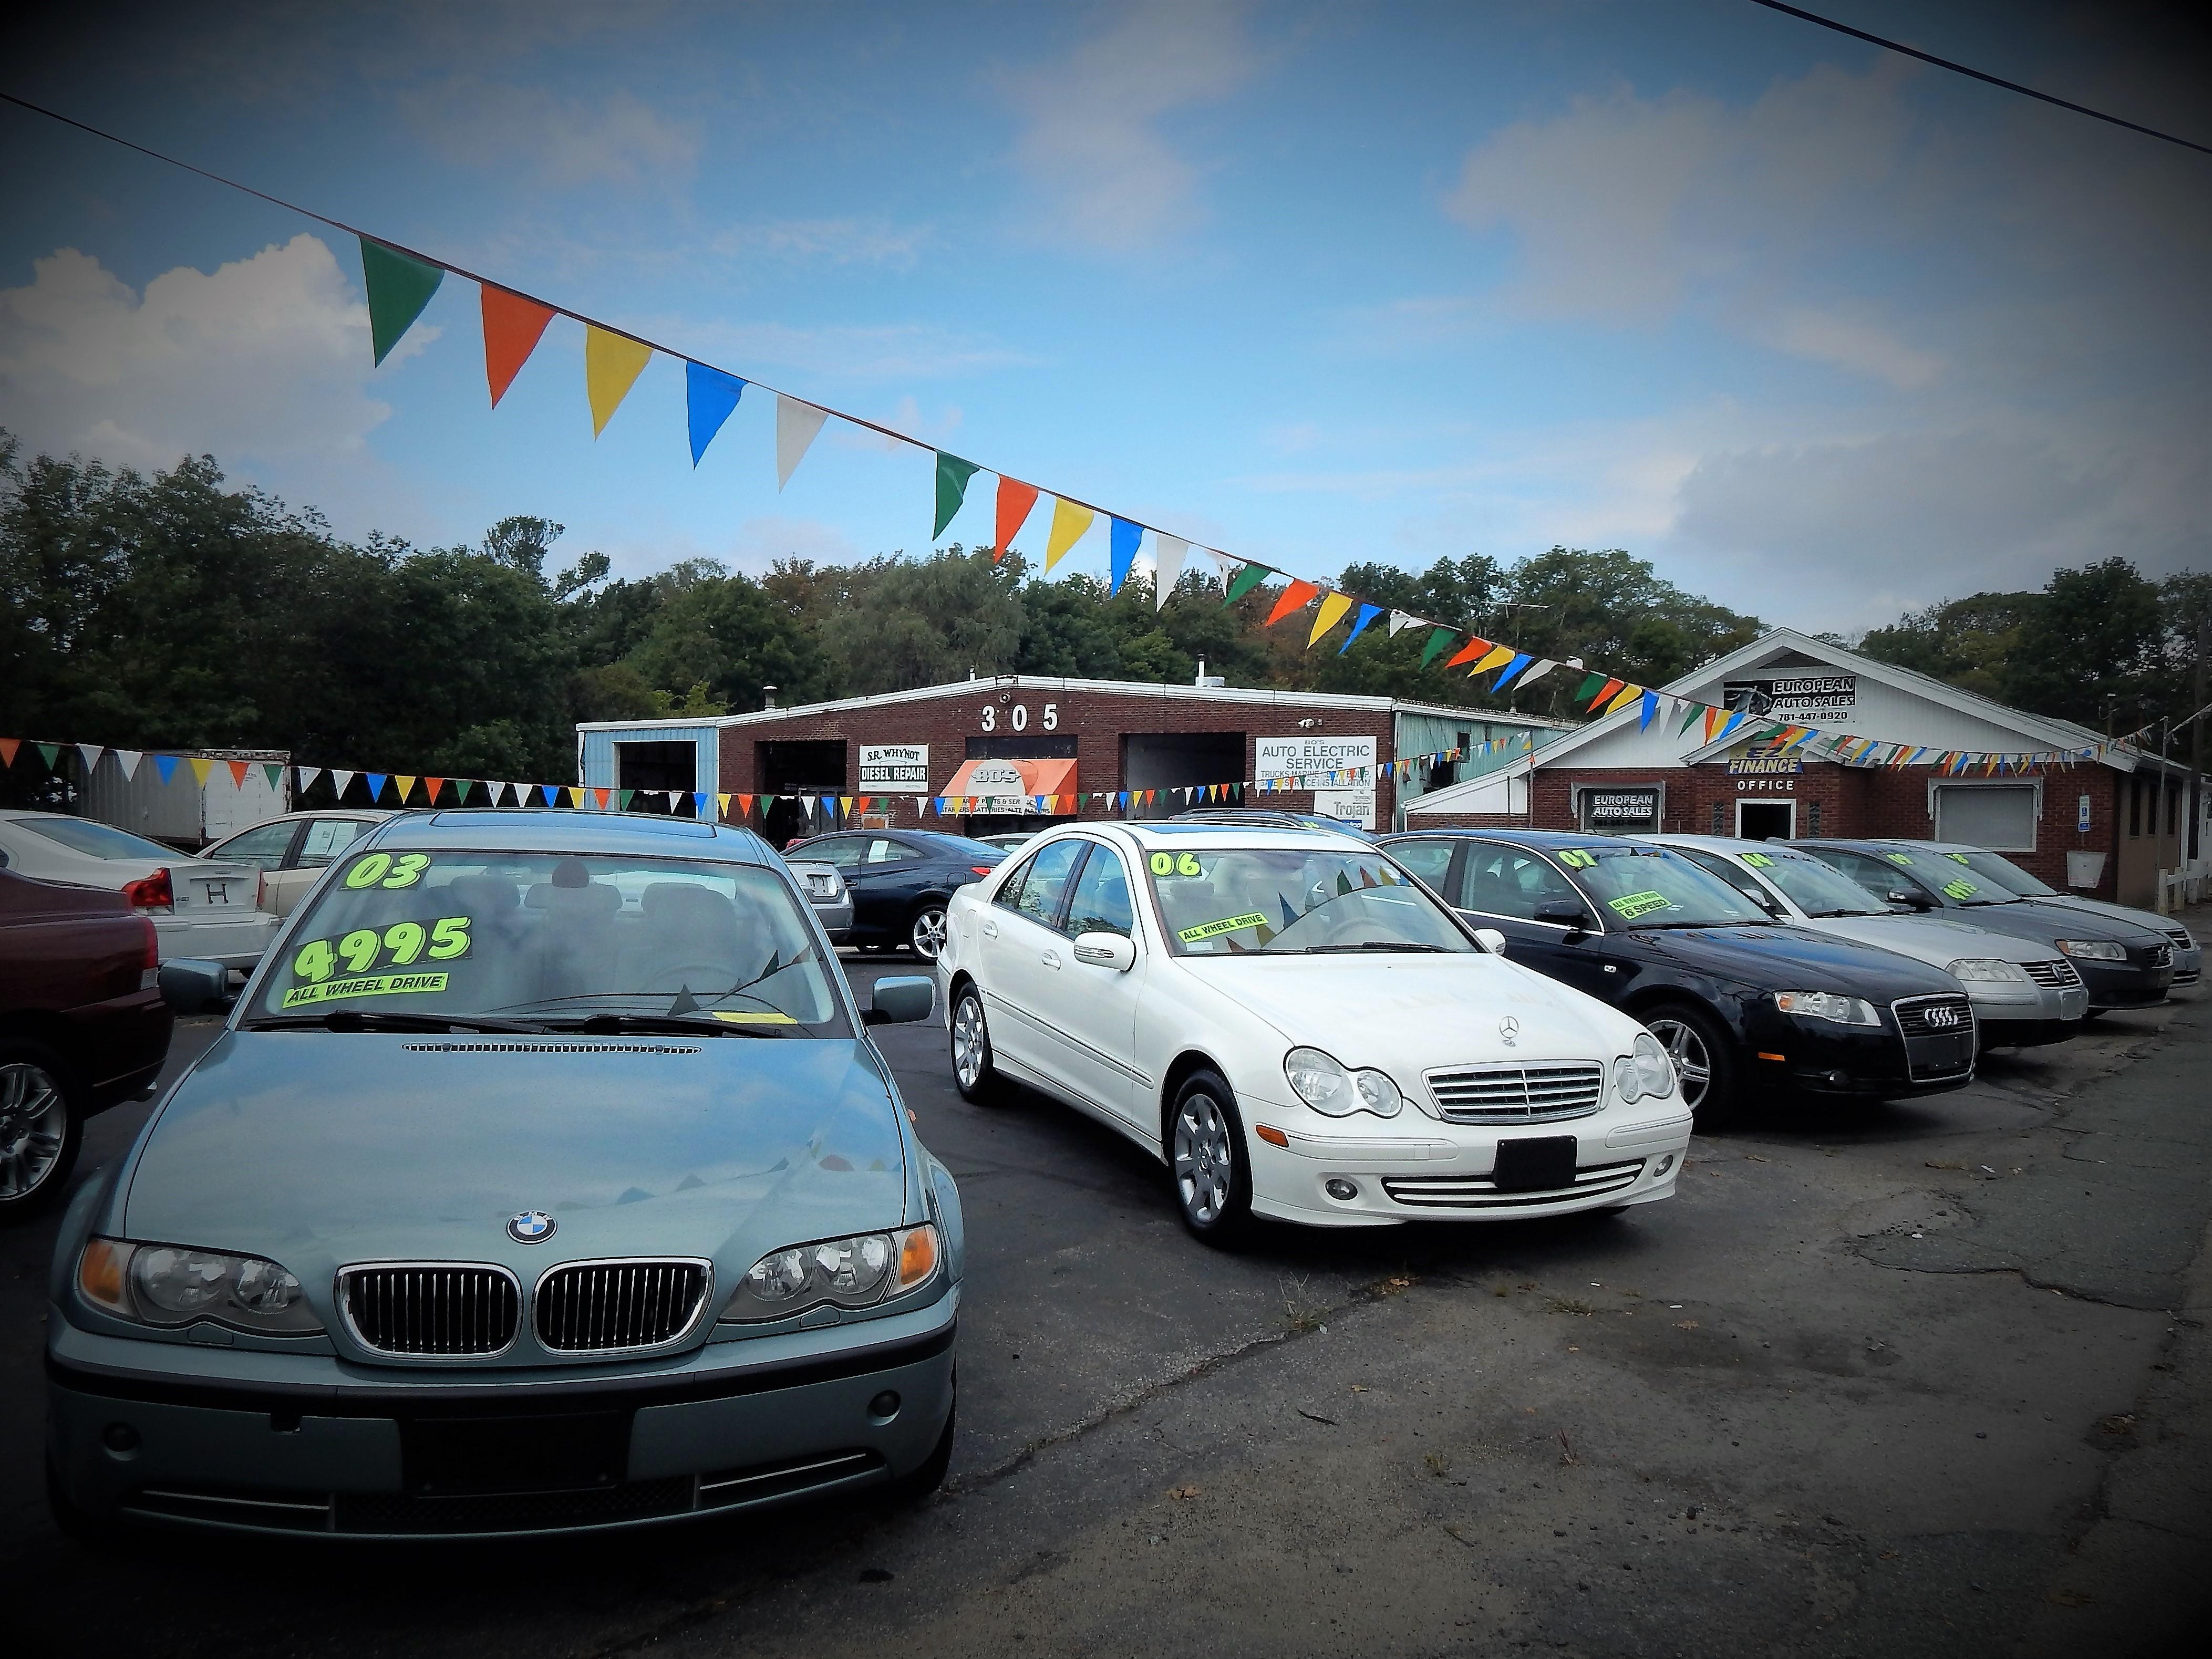 Used Car Dealers Whitman Ma